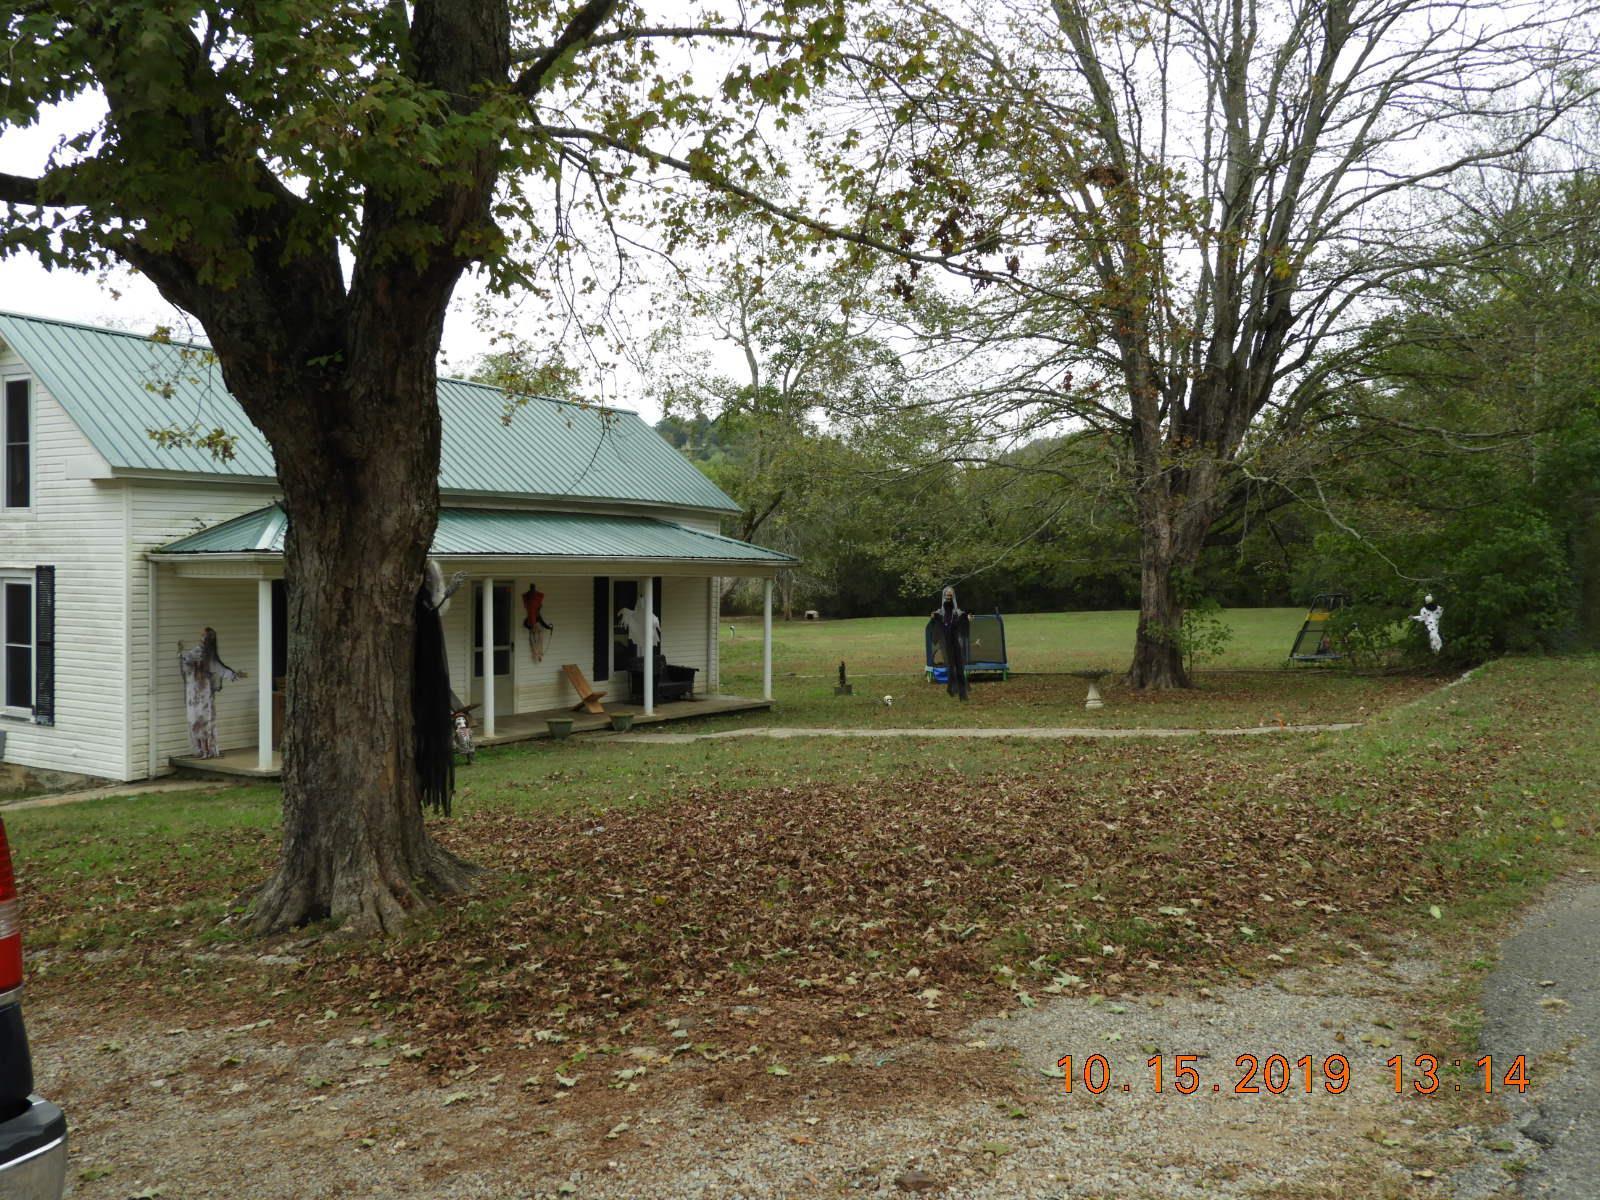 6195 Beech Hill Rd, Pulaski, TN 38478 - Pulaski, TN real estate listing